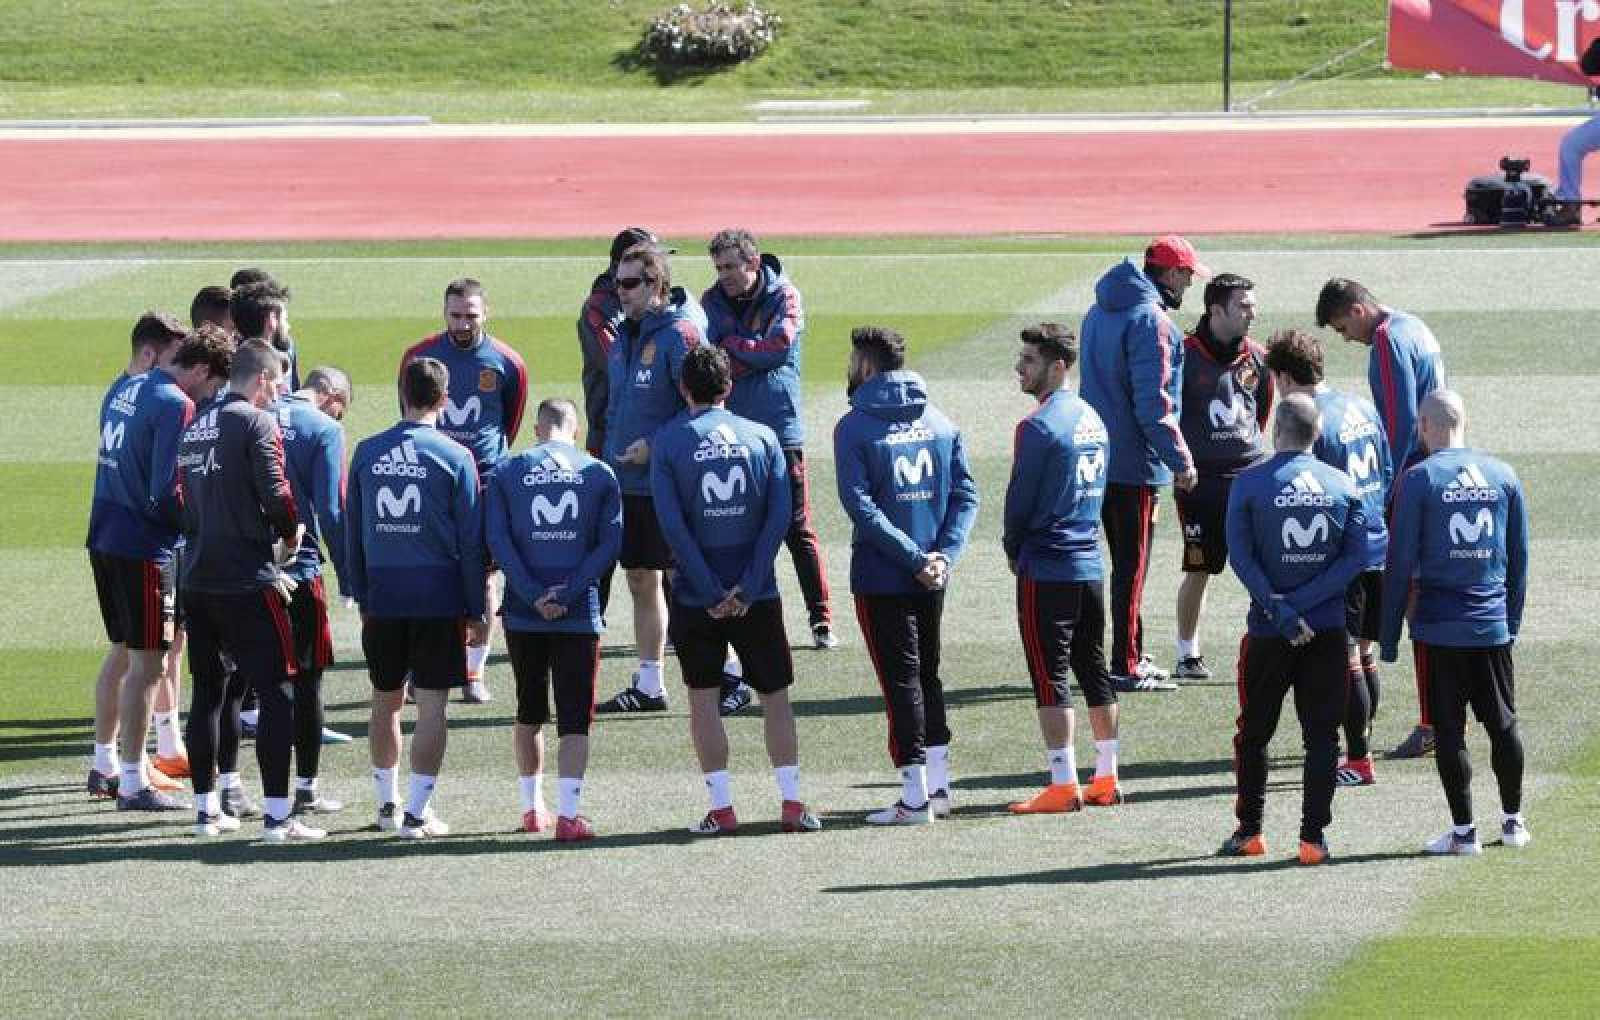 El entrenador de la selección española de fútbol, Julen Lopetegui (c) se dirige a sus jugadores durante el entrenamiento.